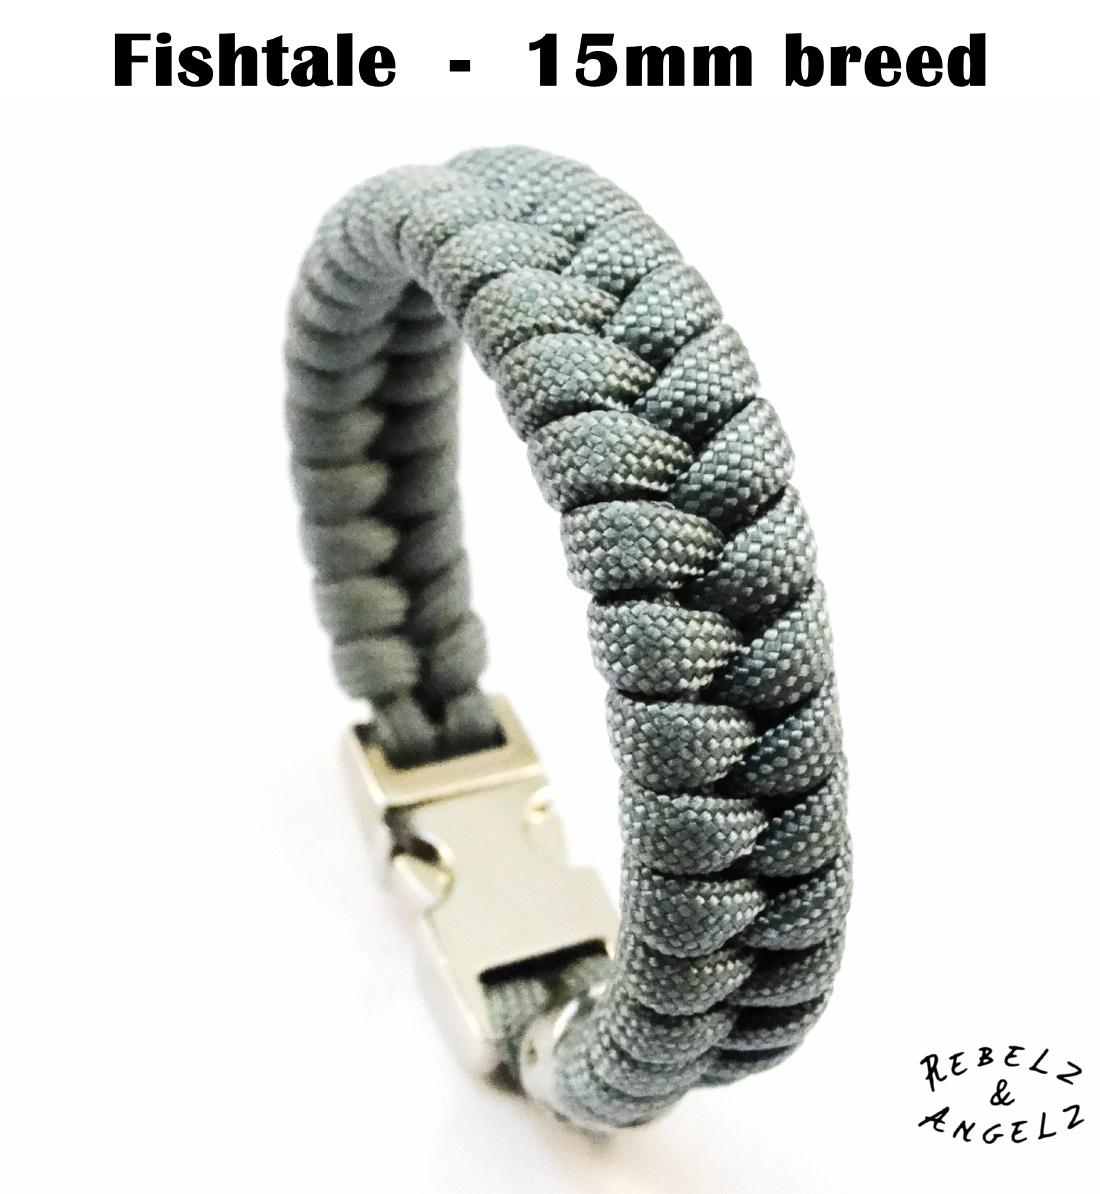 15mm brede paracord fishtale weving / knoop / vlecht.